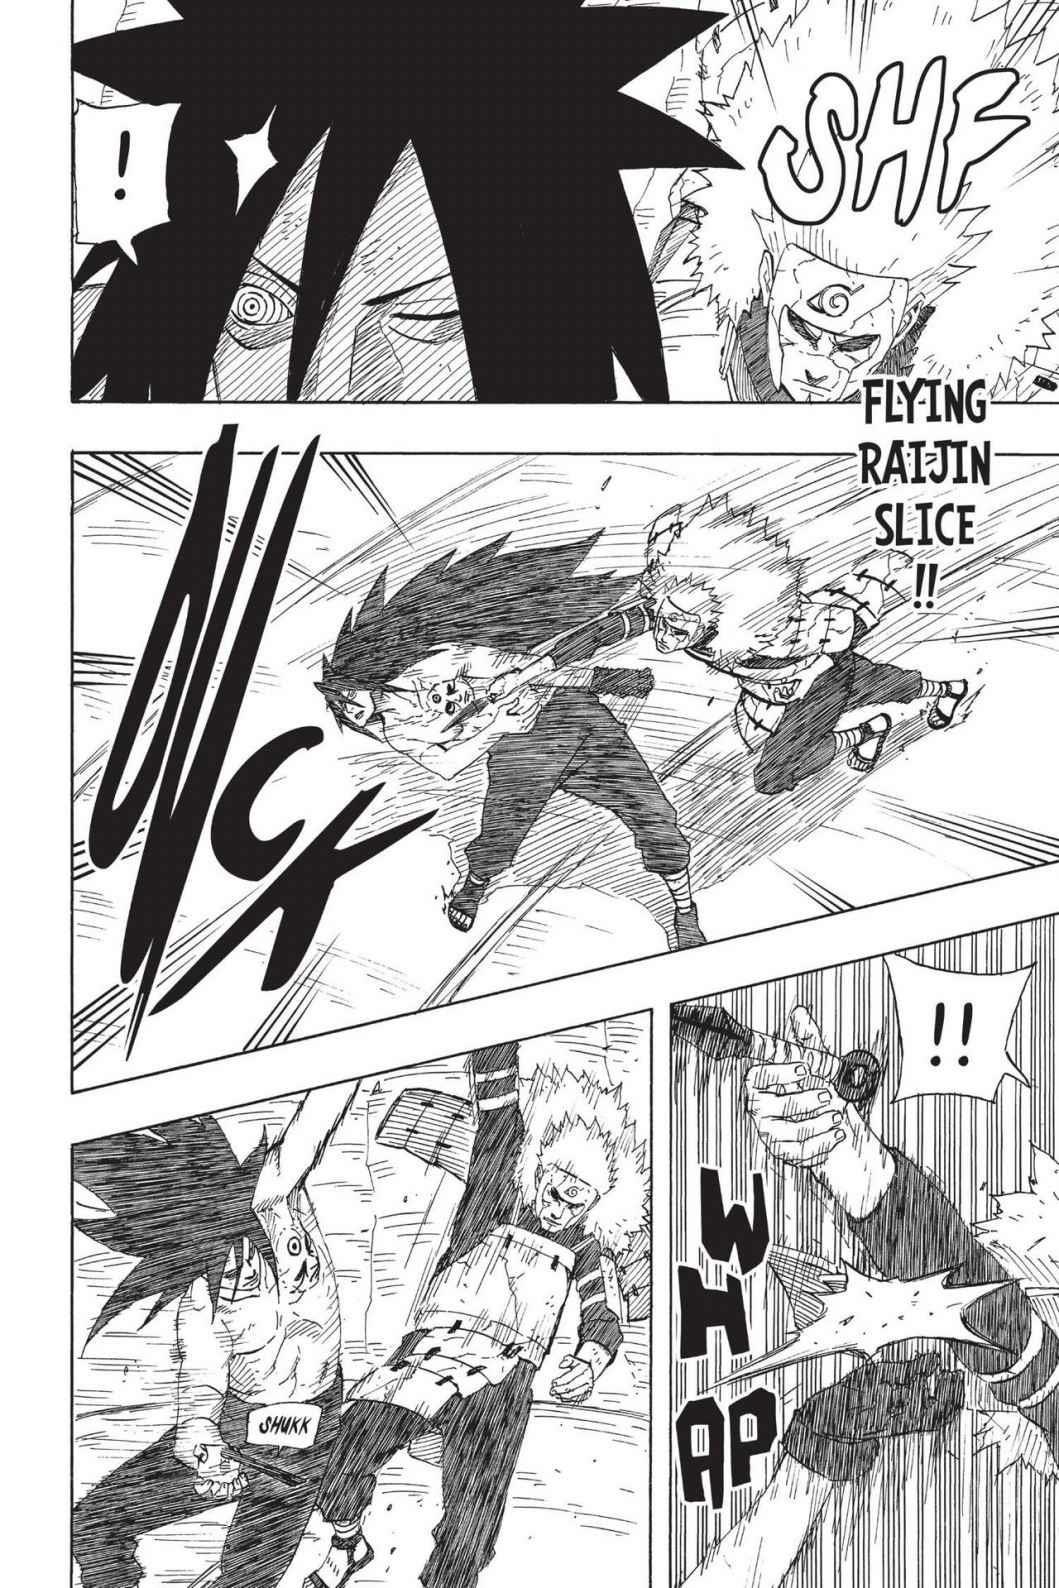 Capacidade de reação - Gai vs Madara Jin 0661-006